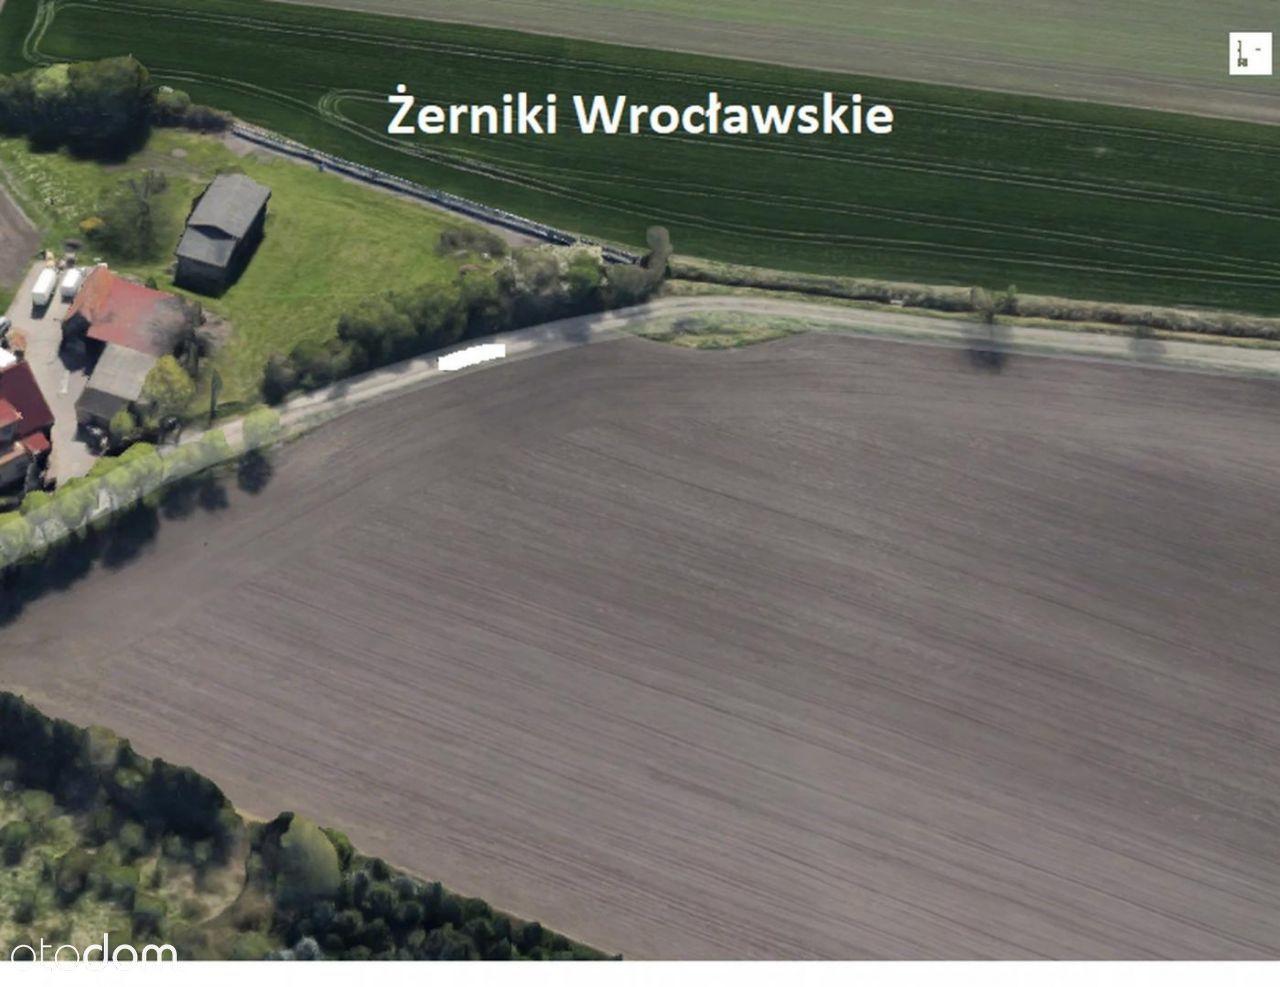 Działka budowlana Żerniki Wr.